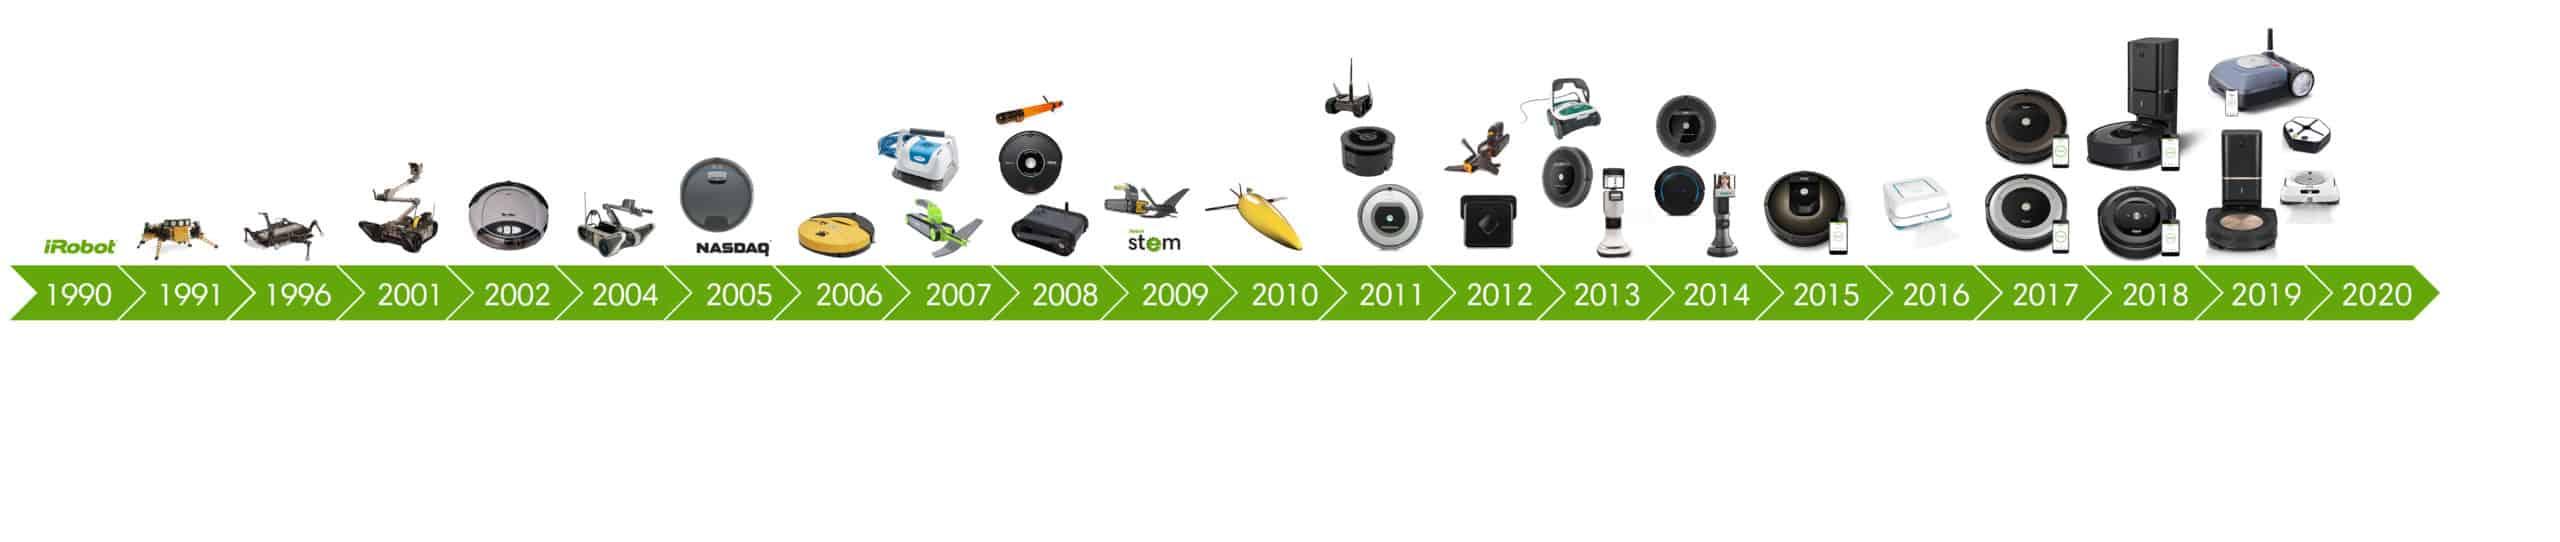 iRobot Saugroboter | Quelle: iRobot Firmenpage